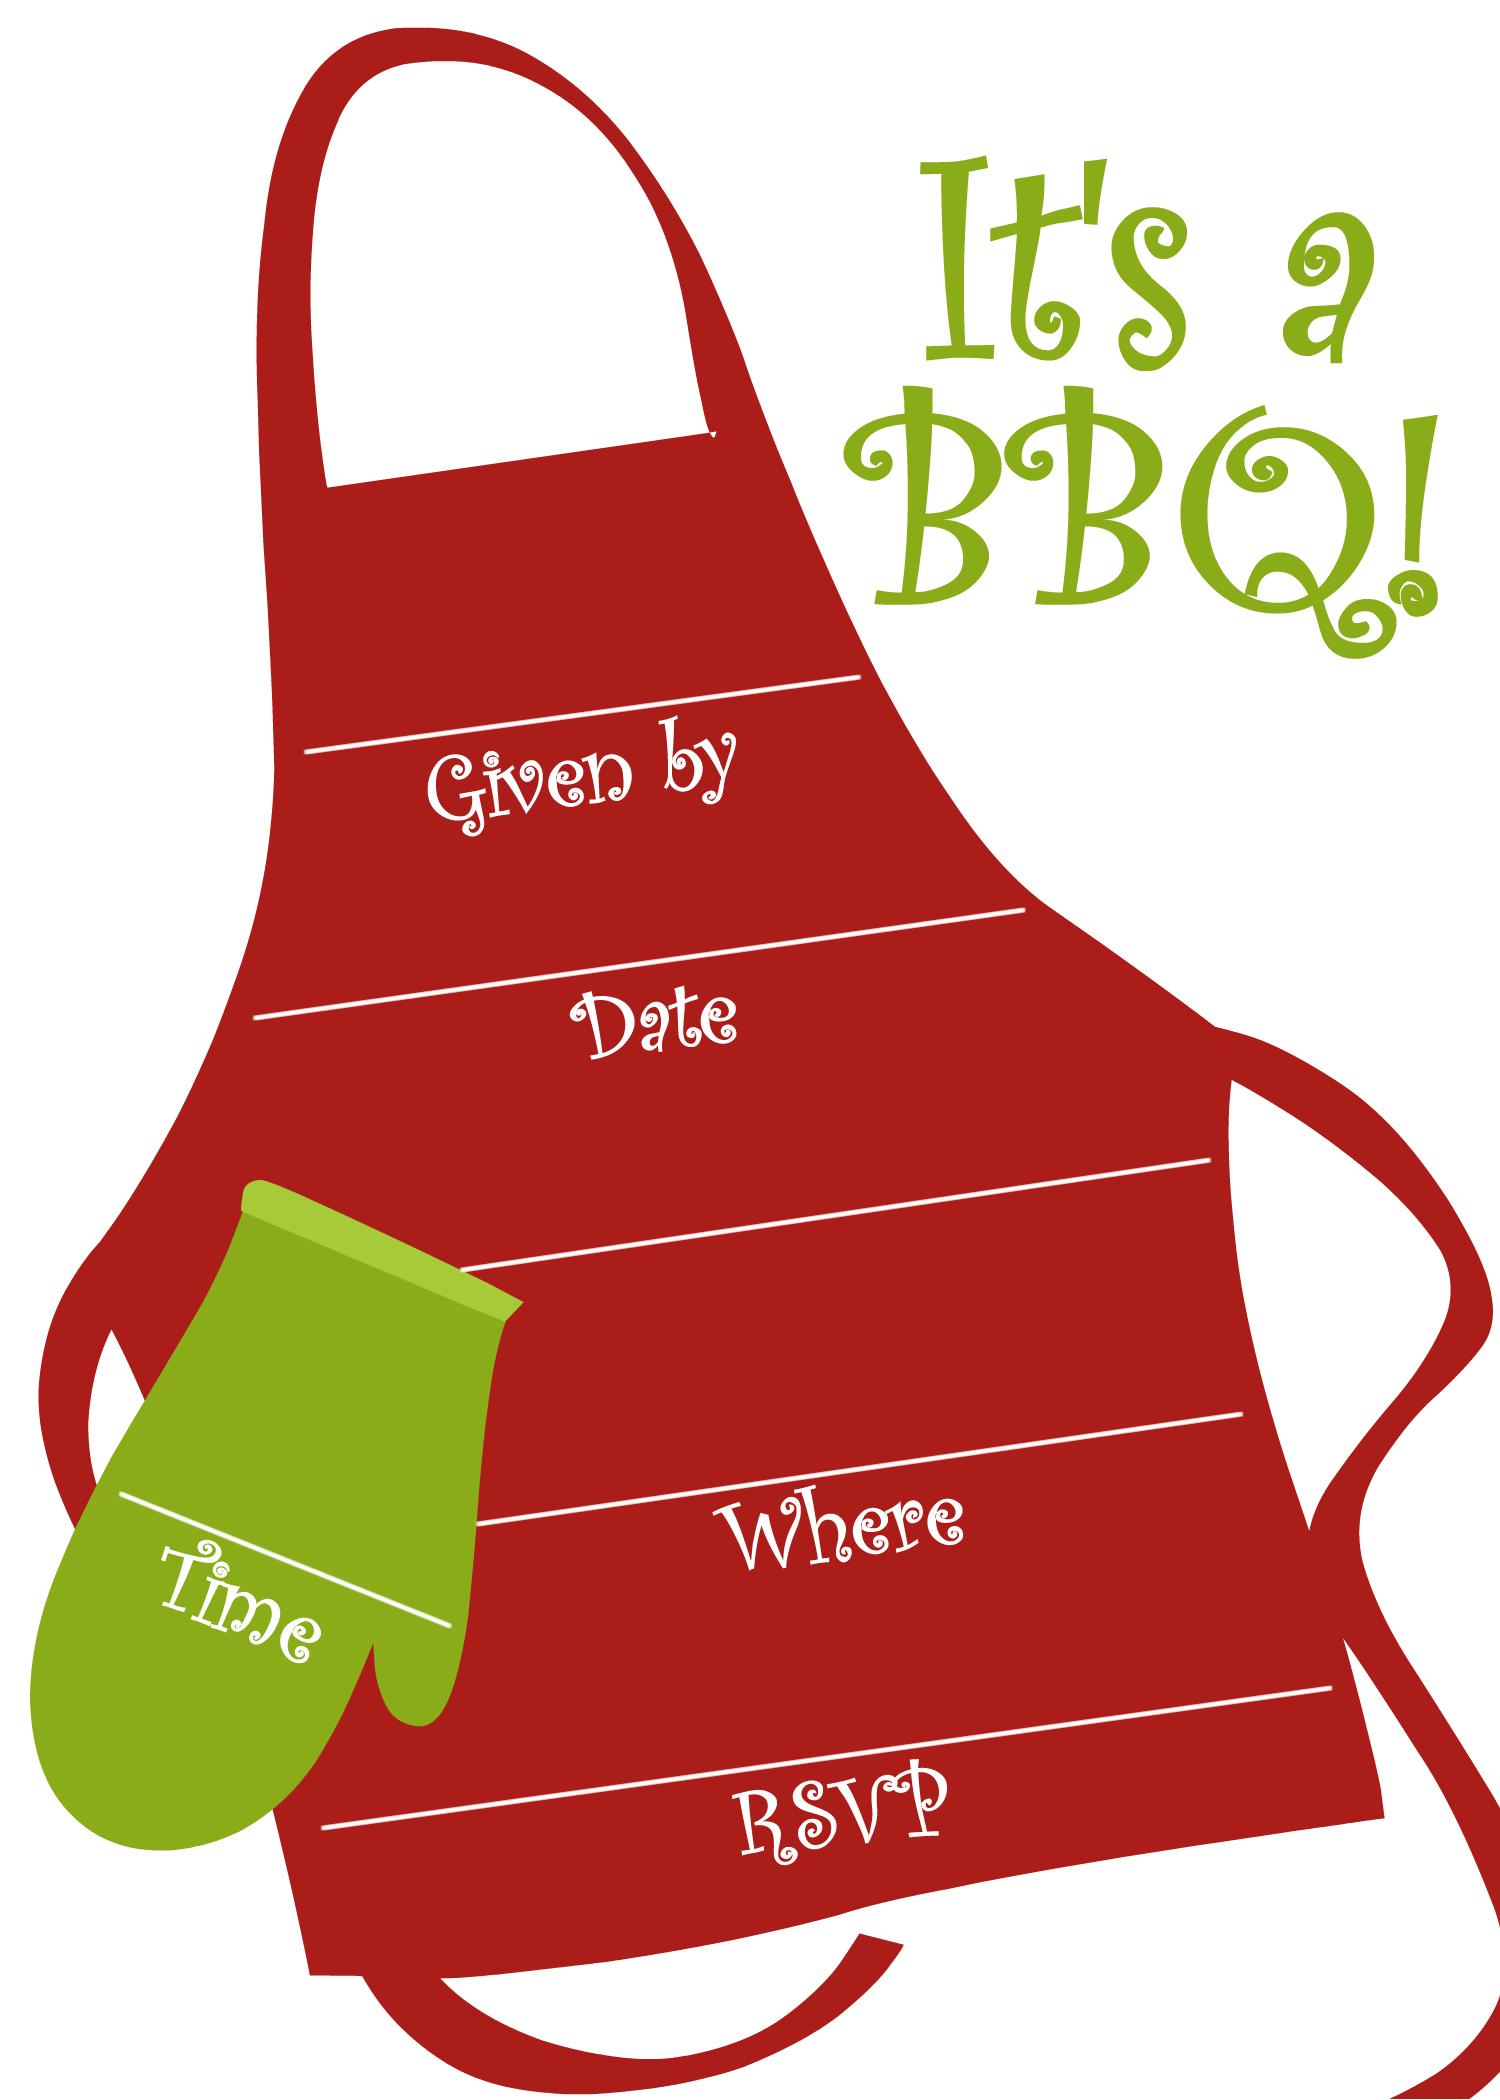 Apron clipart barbecue. Bbq party invitation templates